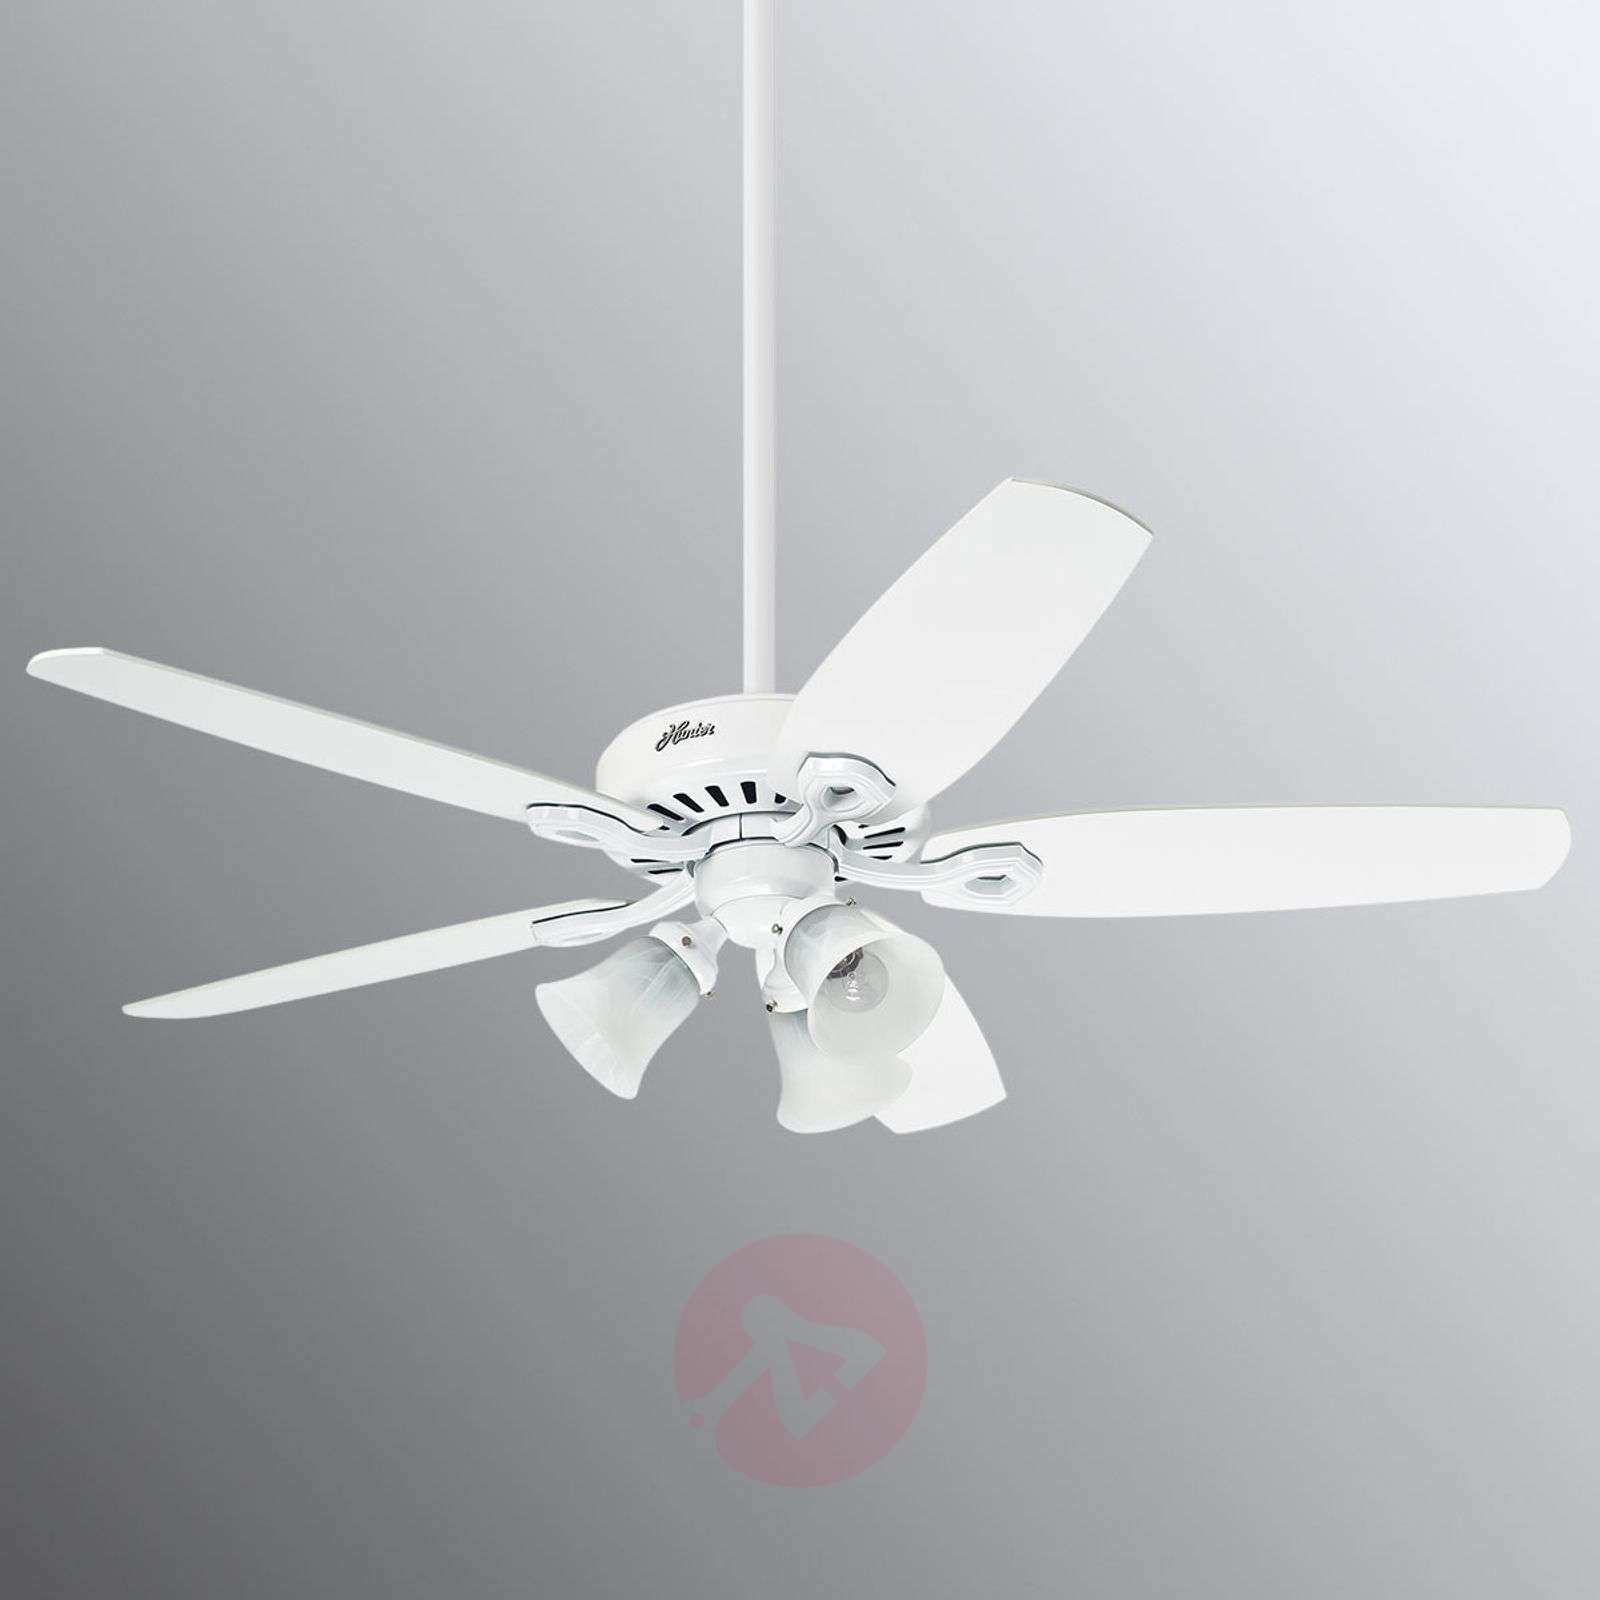 Hunter Builder Plus white ceiling fan-4545010-01